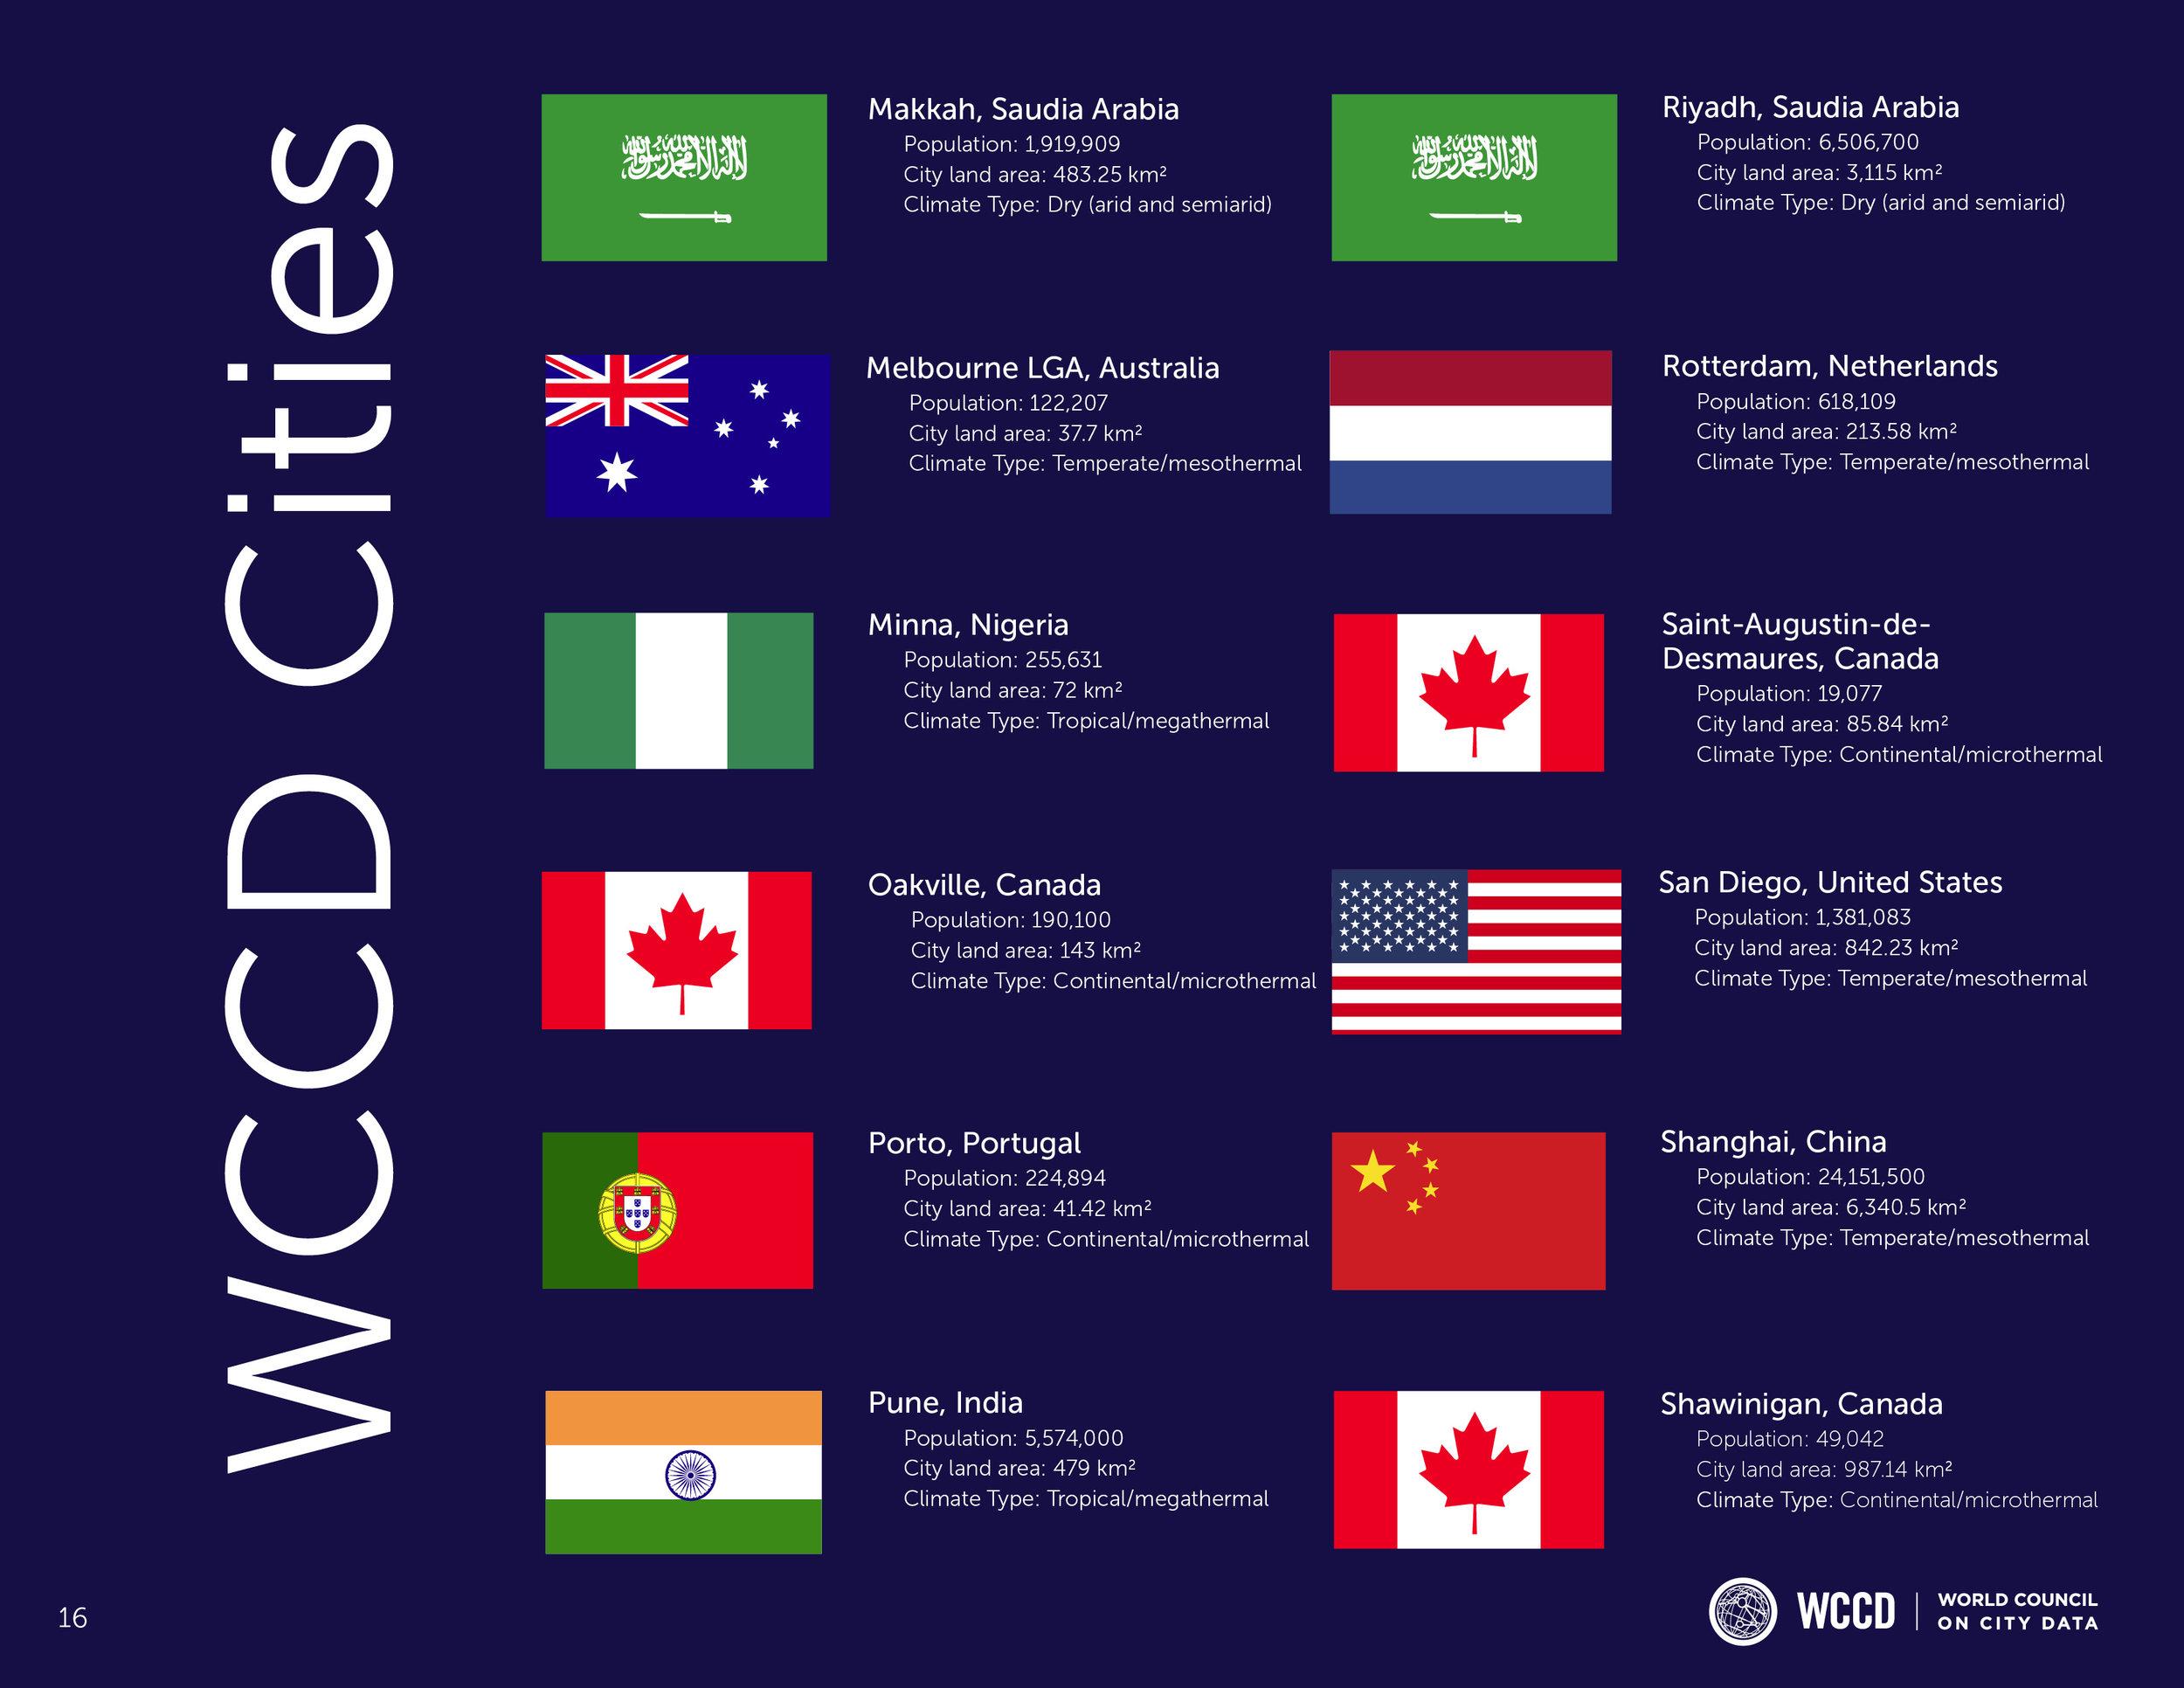 WCCD_SDG 2017 16.jpg